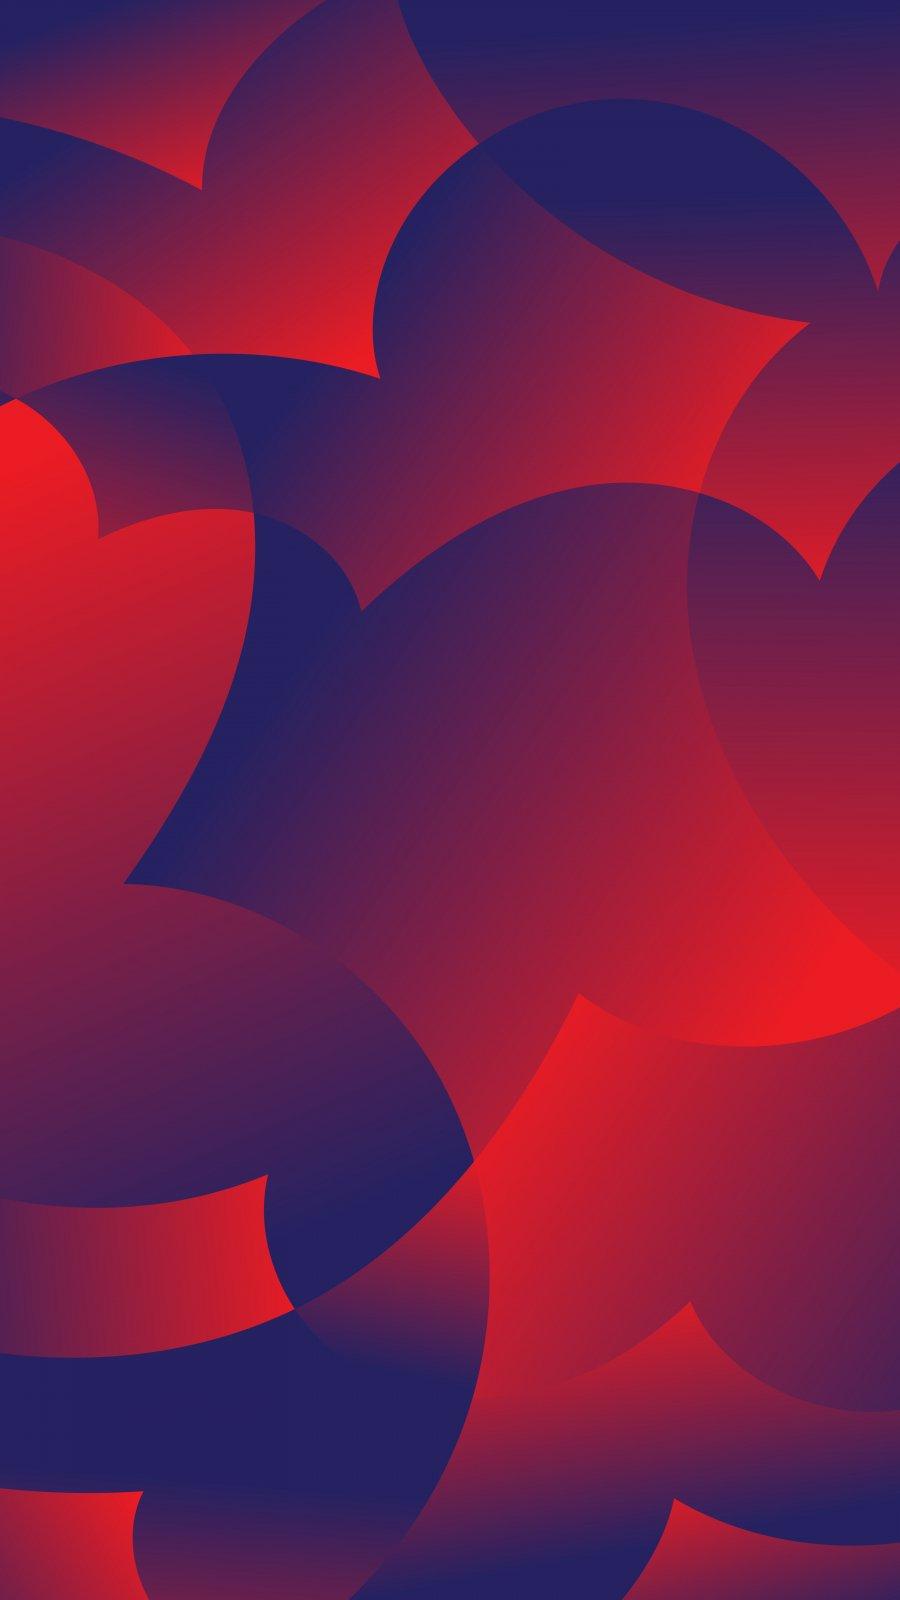 Red Artwork iPhone Wallpaper